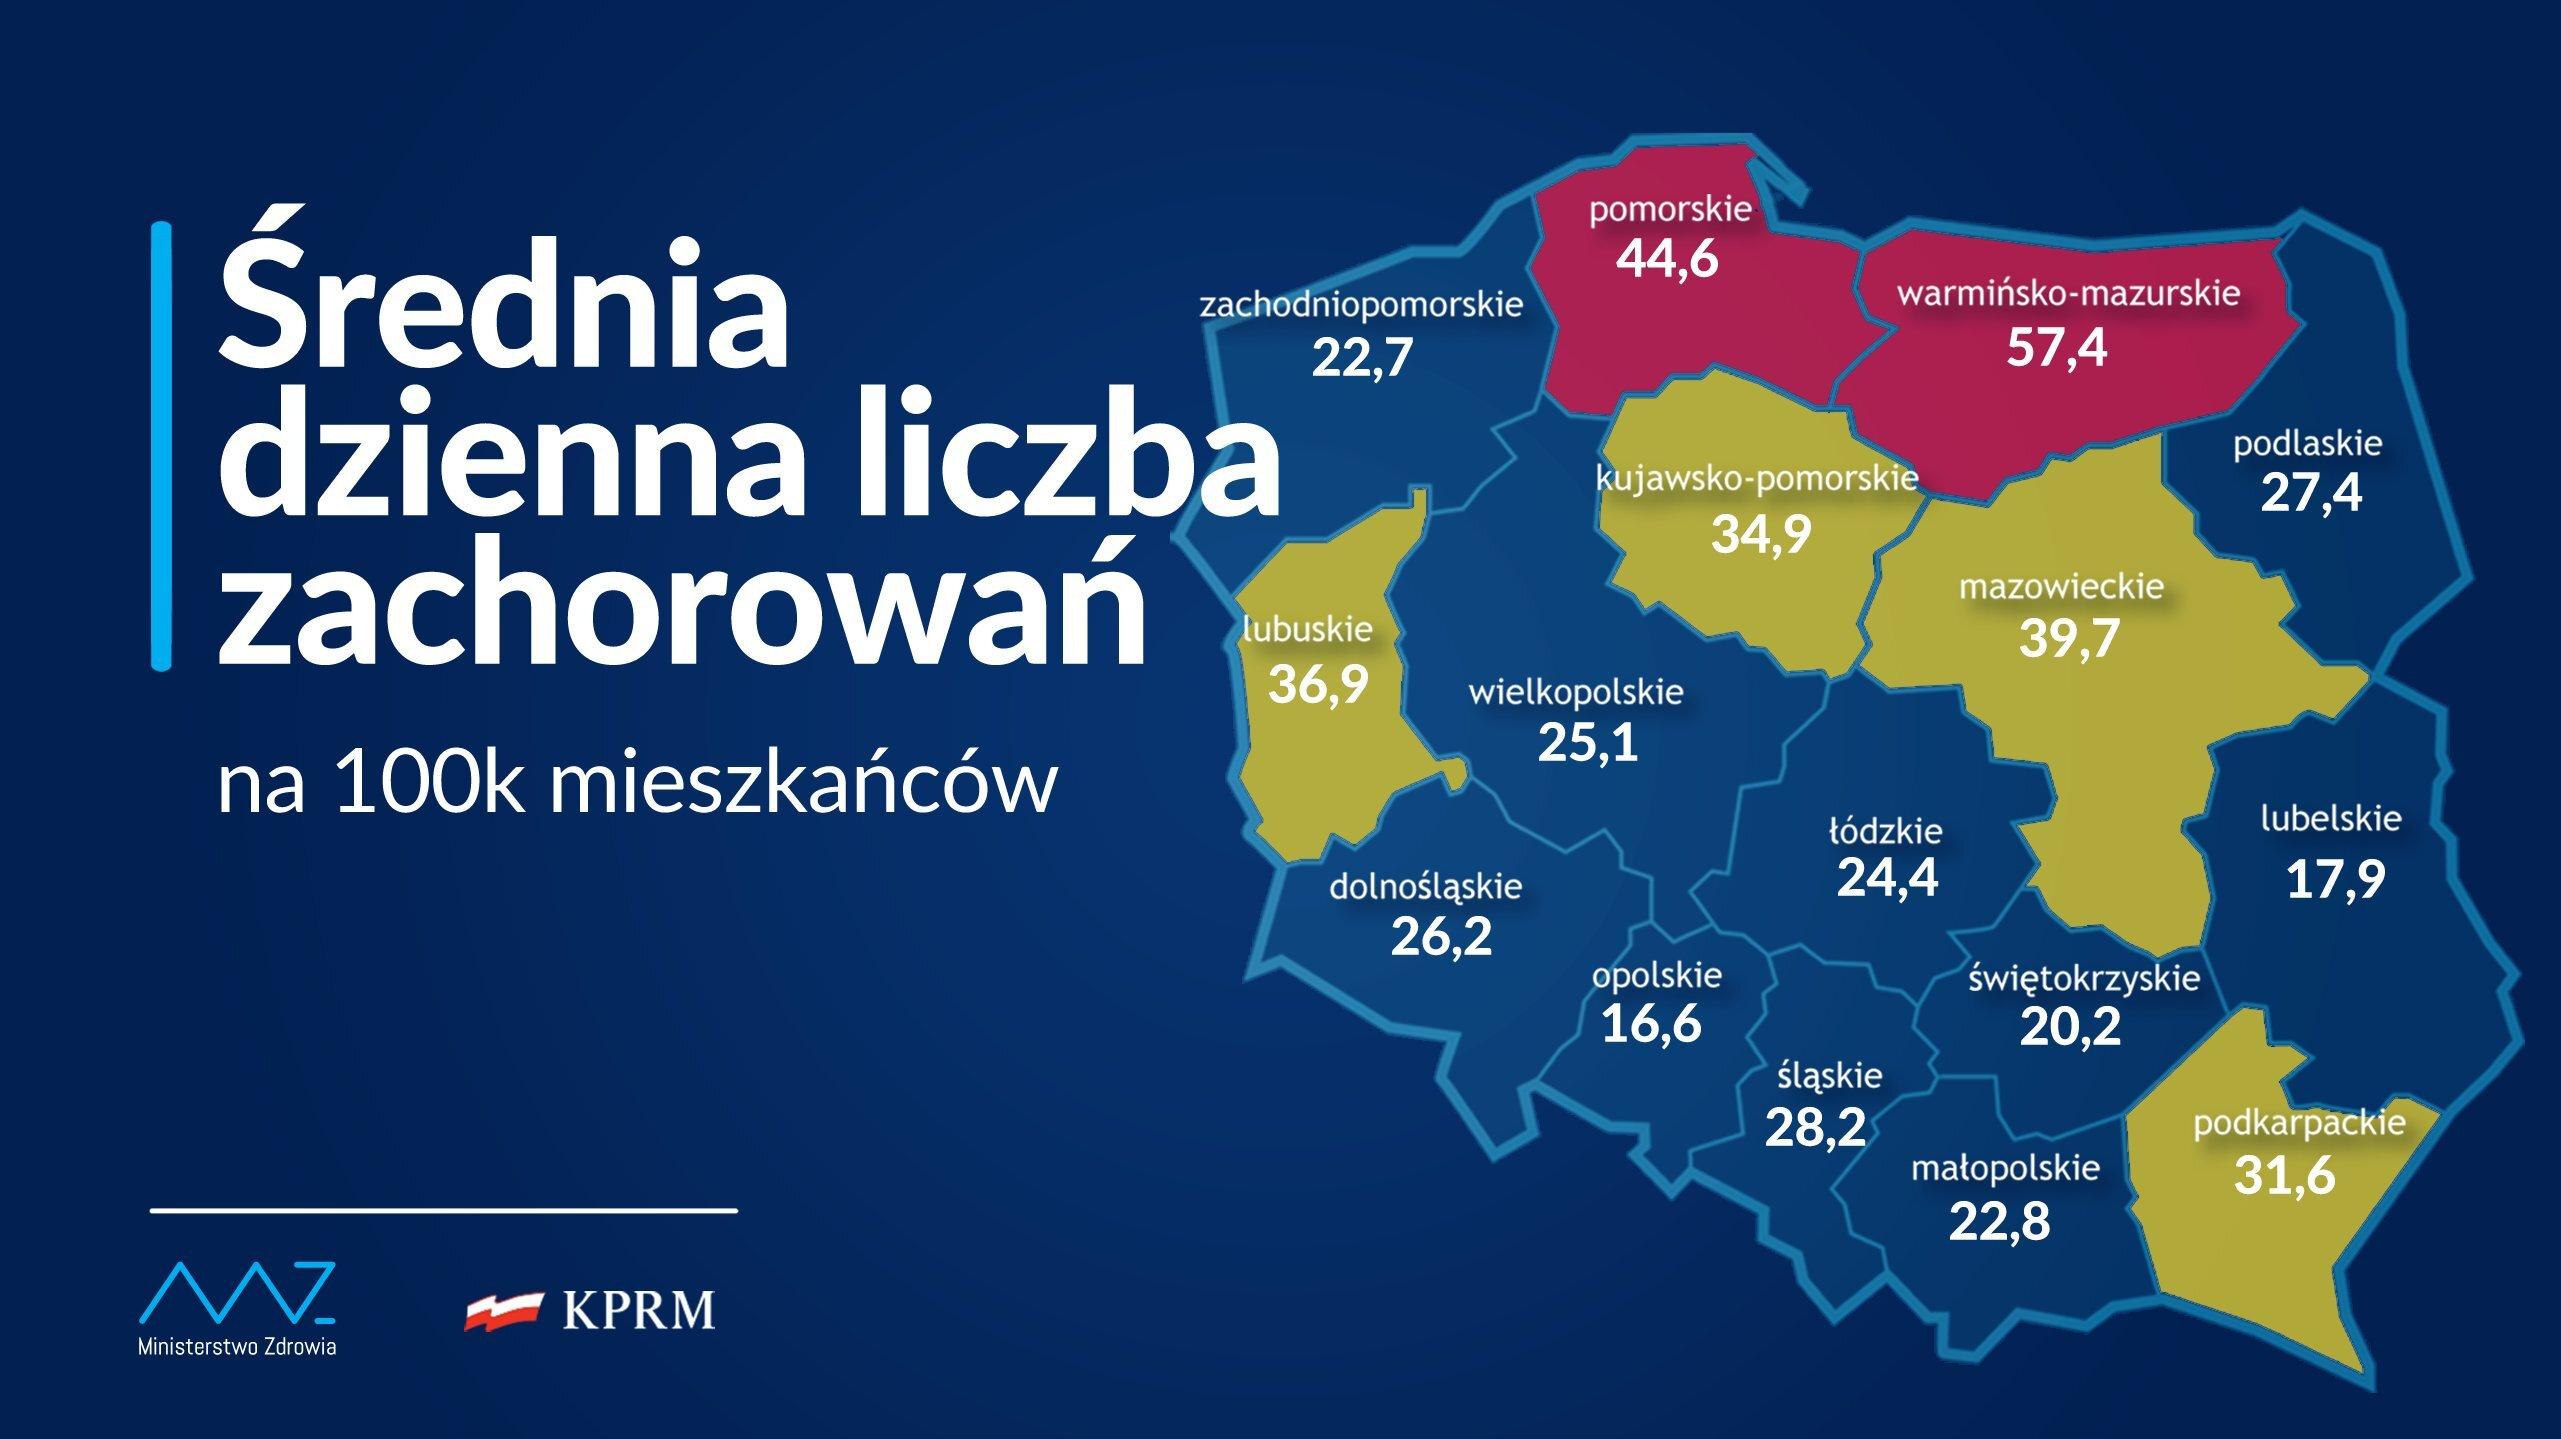 Obostrzenia zostają przywrócone na podstawie wzrostu zakażeń, jakie odnotowano w ostatnim czasie w naszym regionie // fot. Kancelaria Prezesa Rady Ministrów